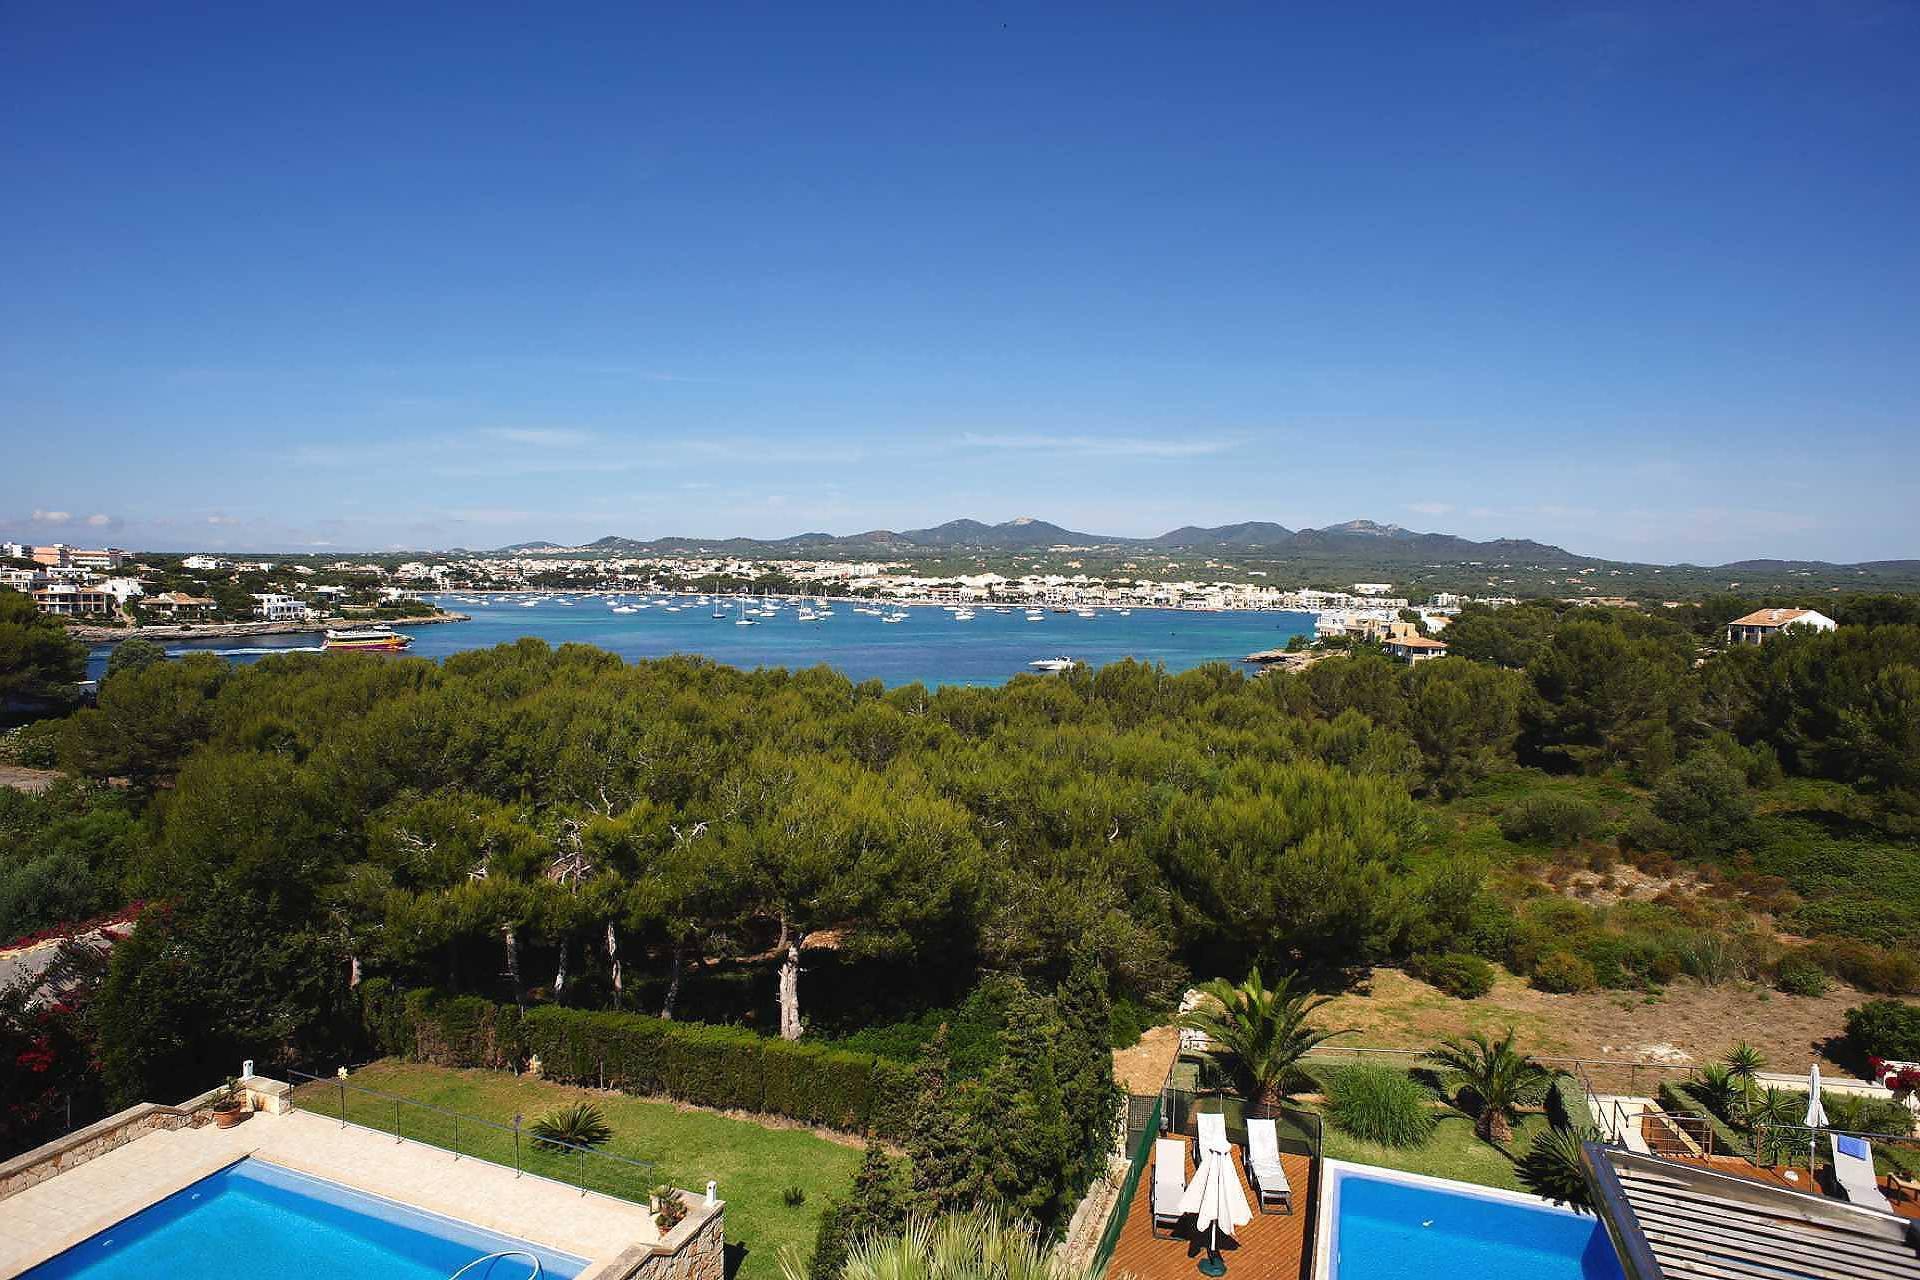 01-68 Moderne Ferienwohnung Mallorca Osten Bild 1